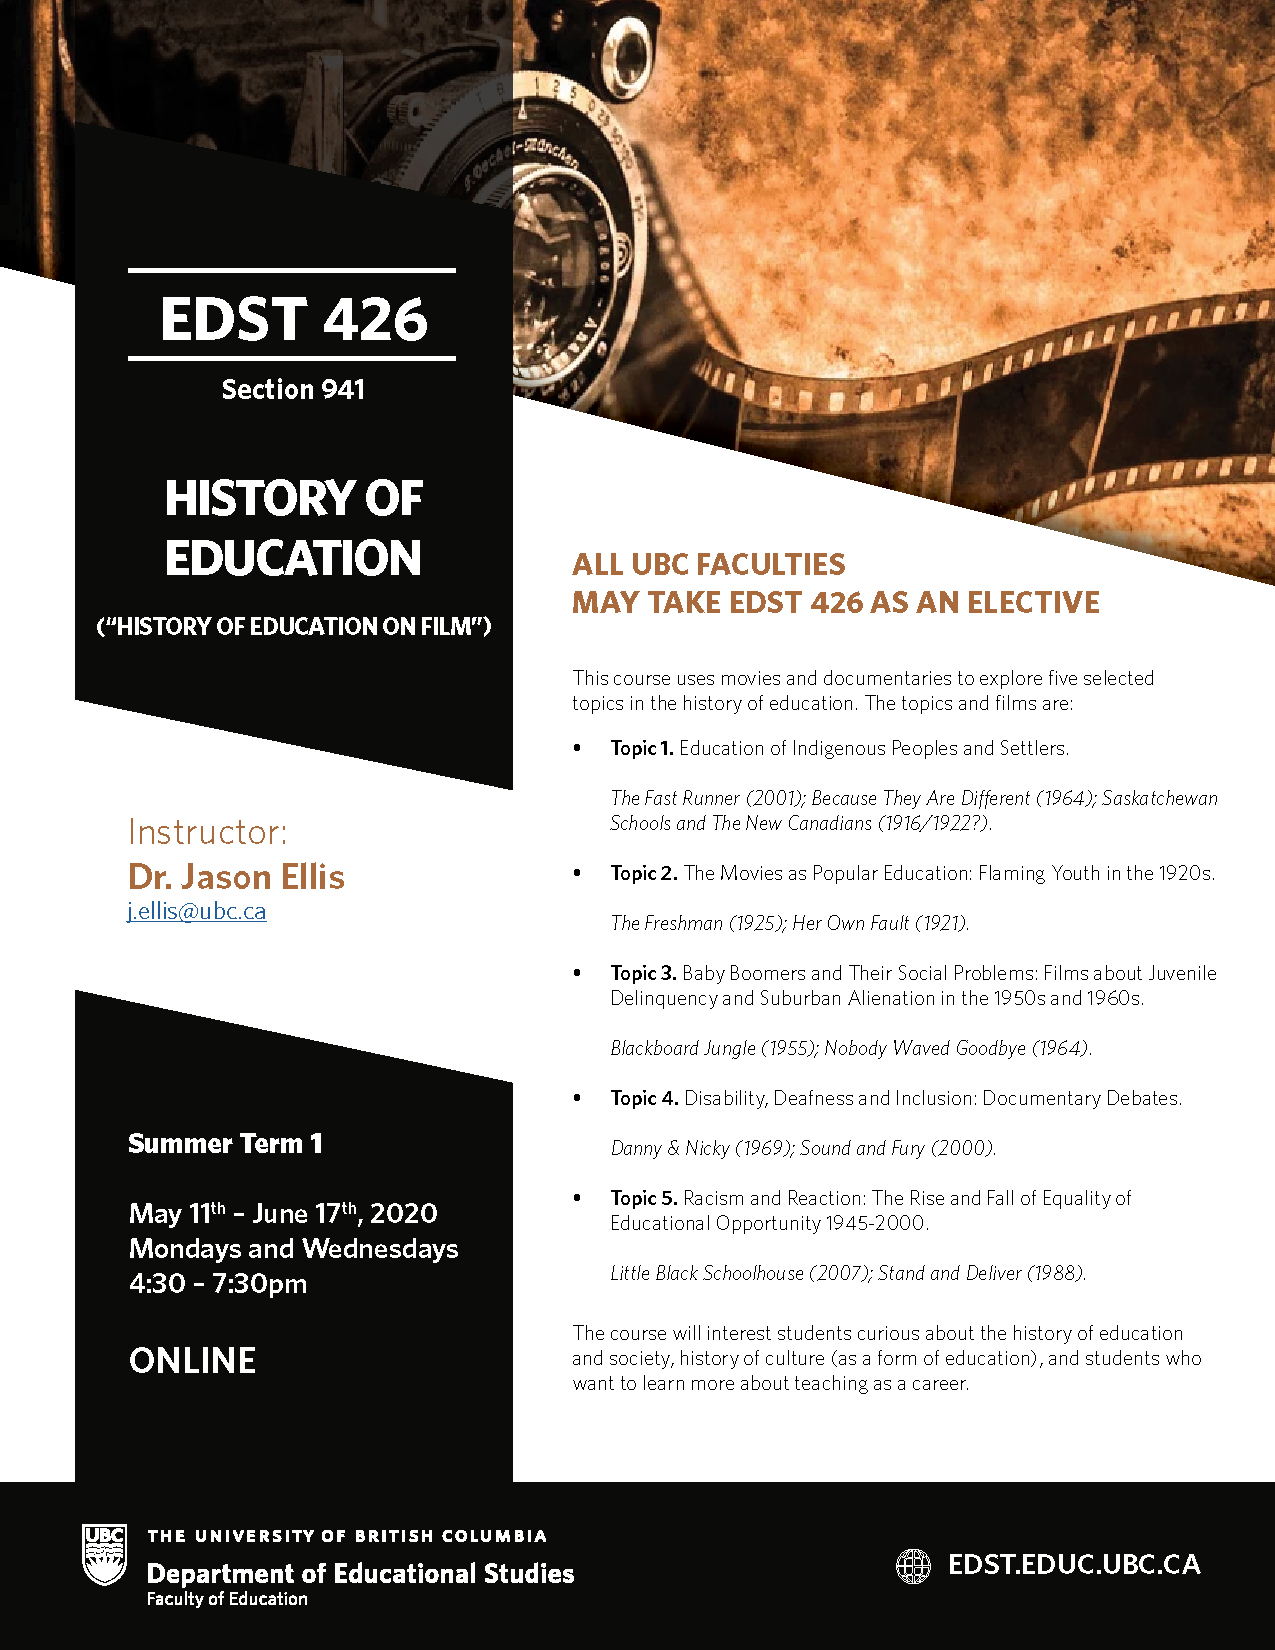 EDST 426